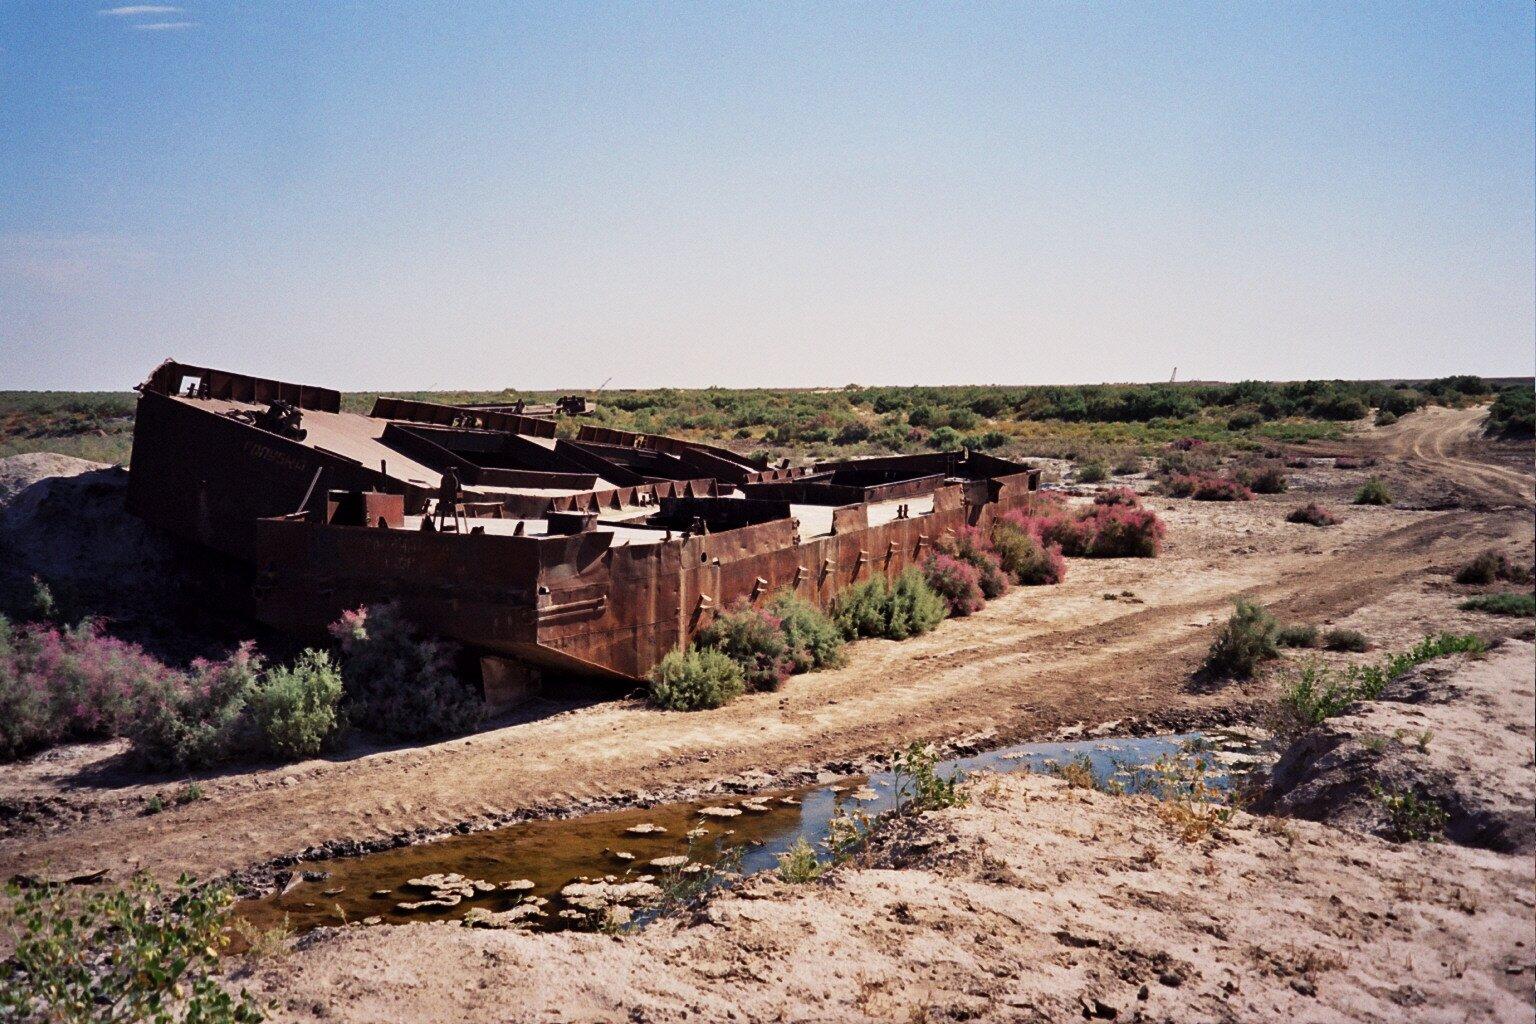 Cmentarzysko statków Źródło: upyernoz, fotografia, licencja: CC BY 2.0.